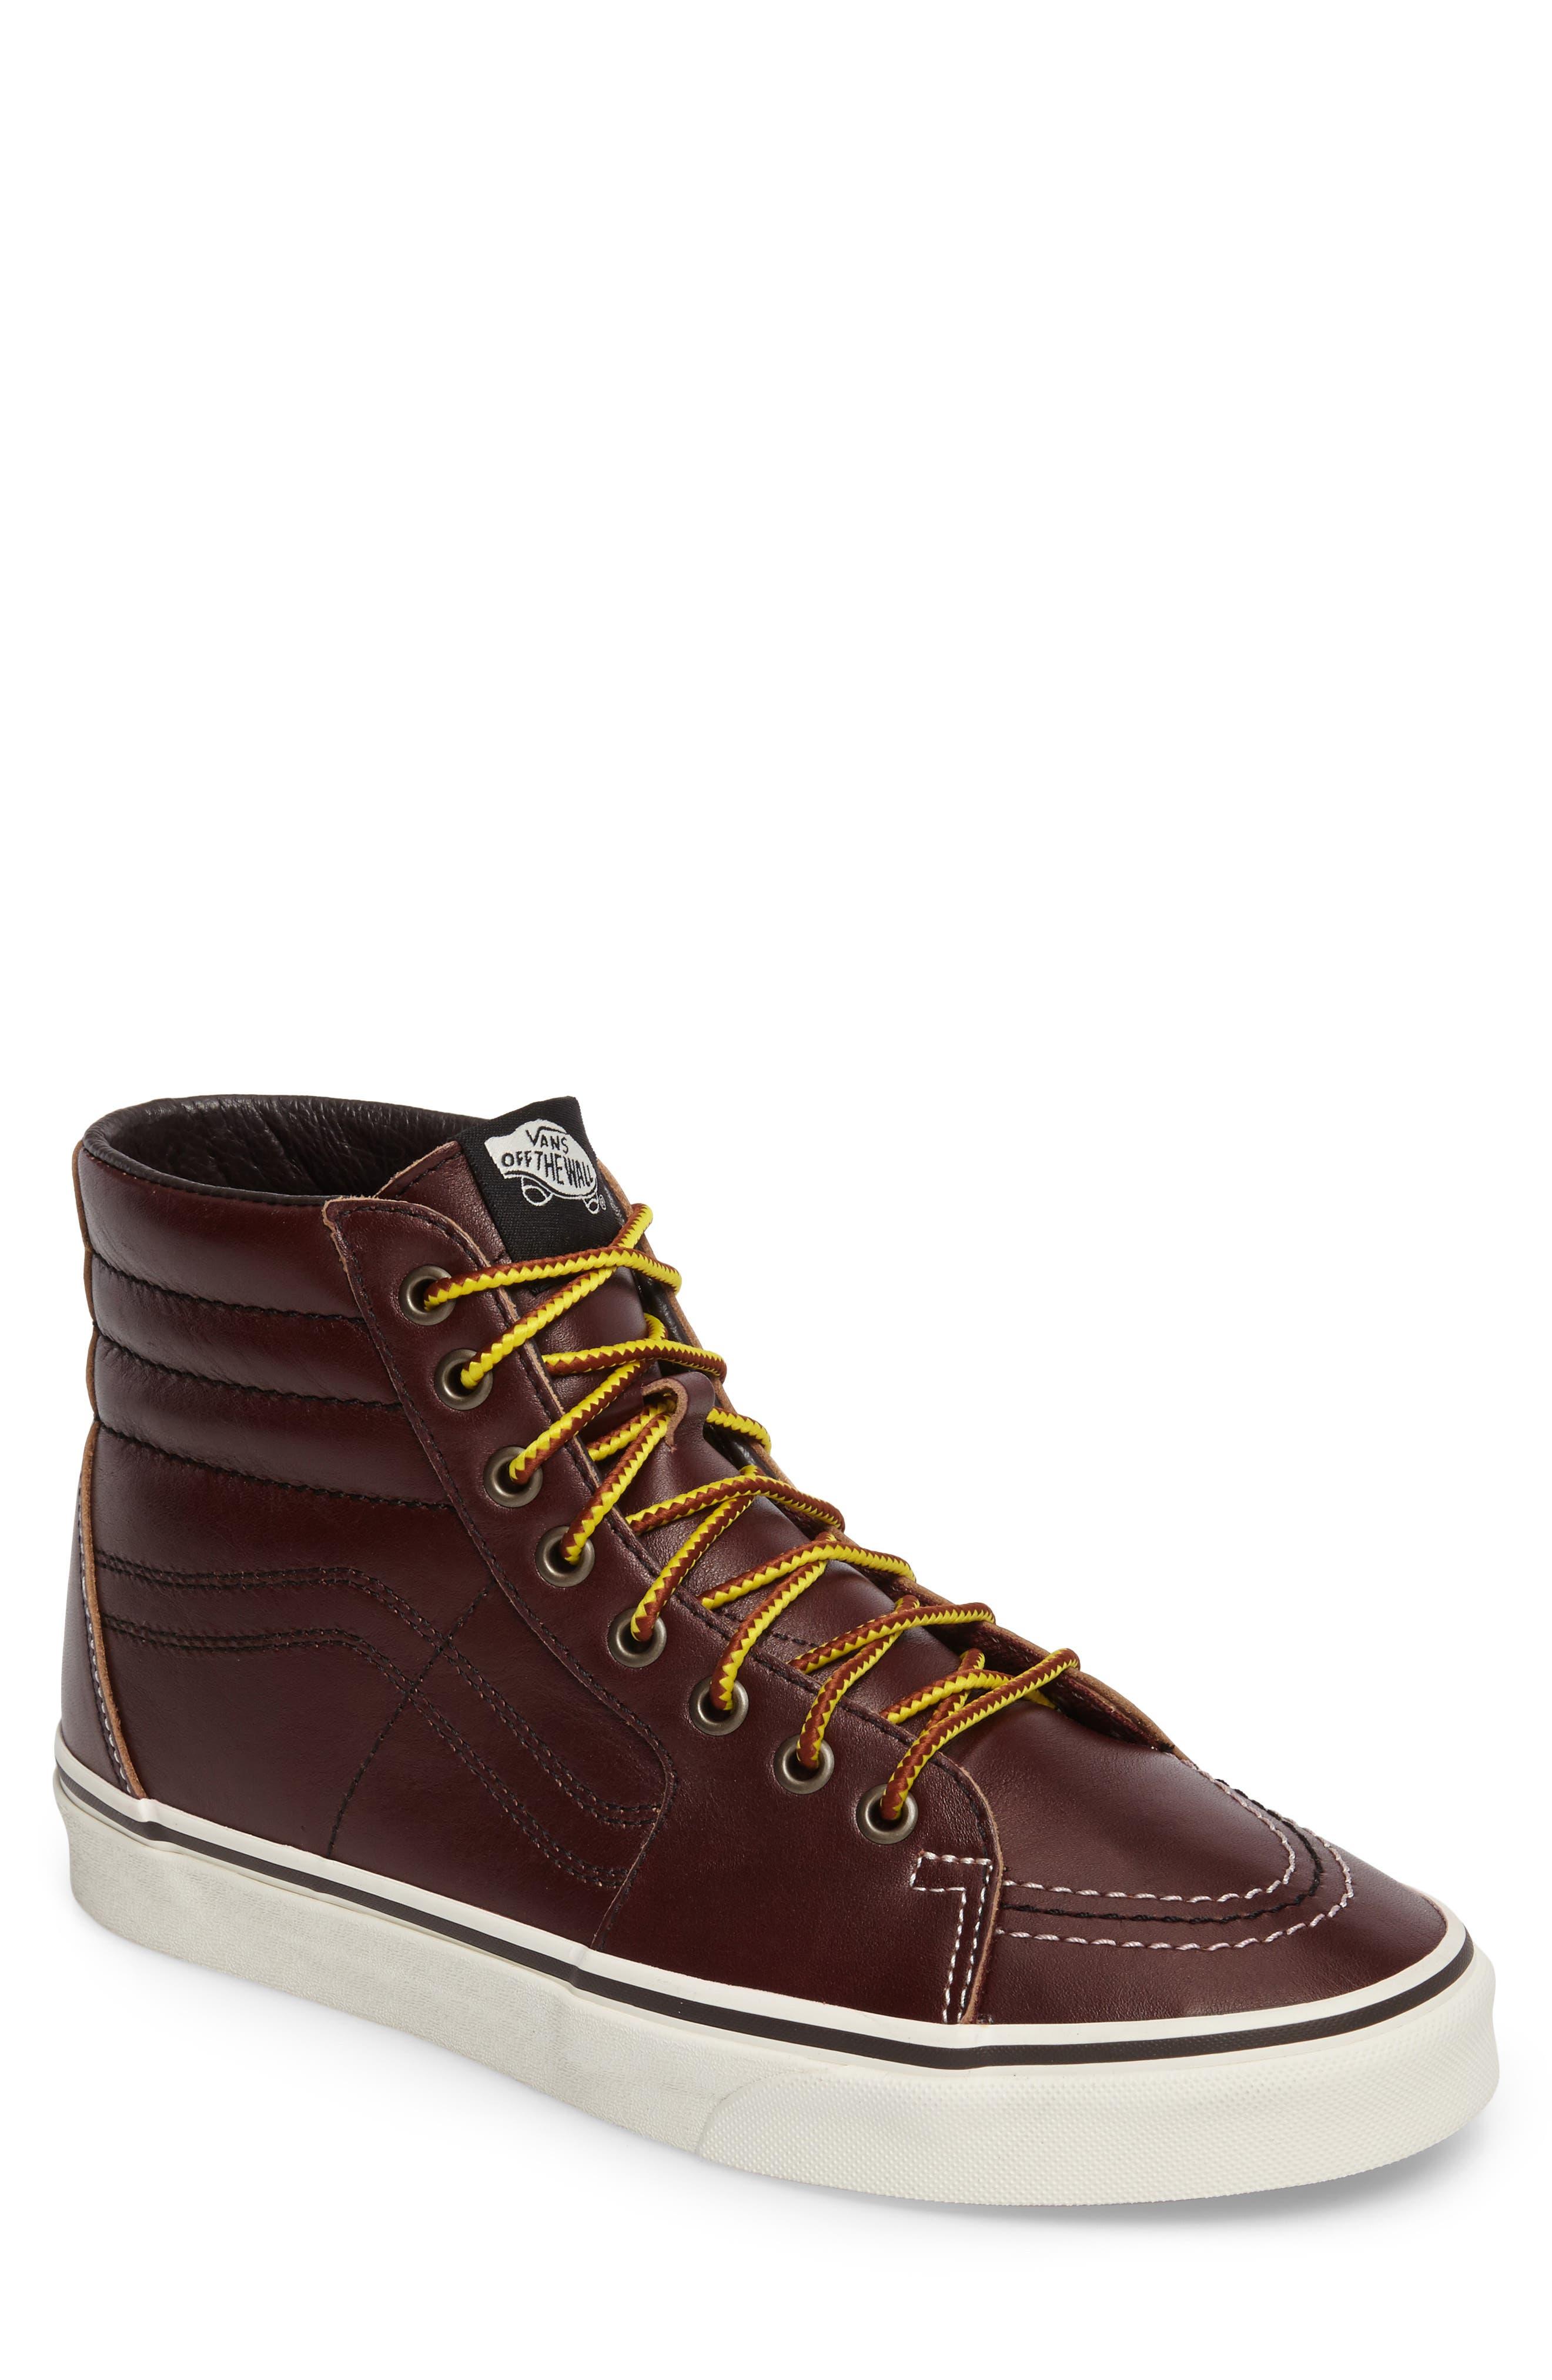 Sk8-Hi Sneaker,                             Main thumbnail 1, color,                             200